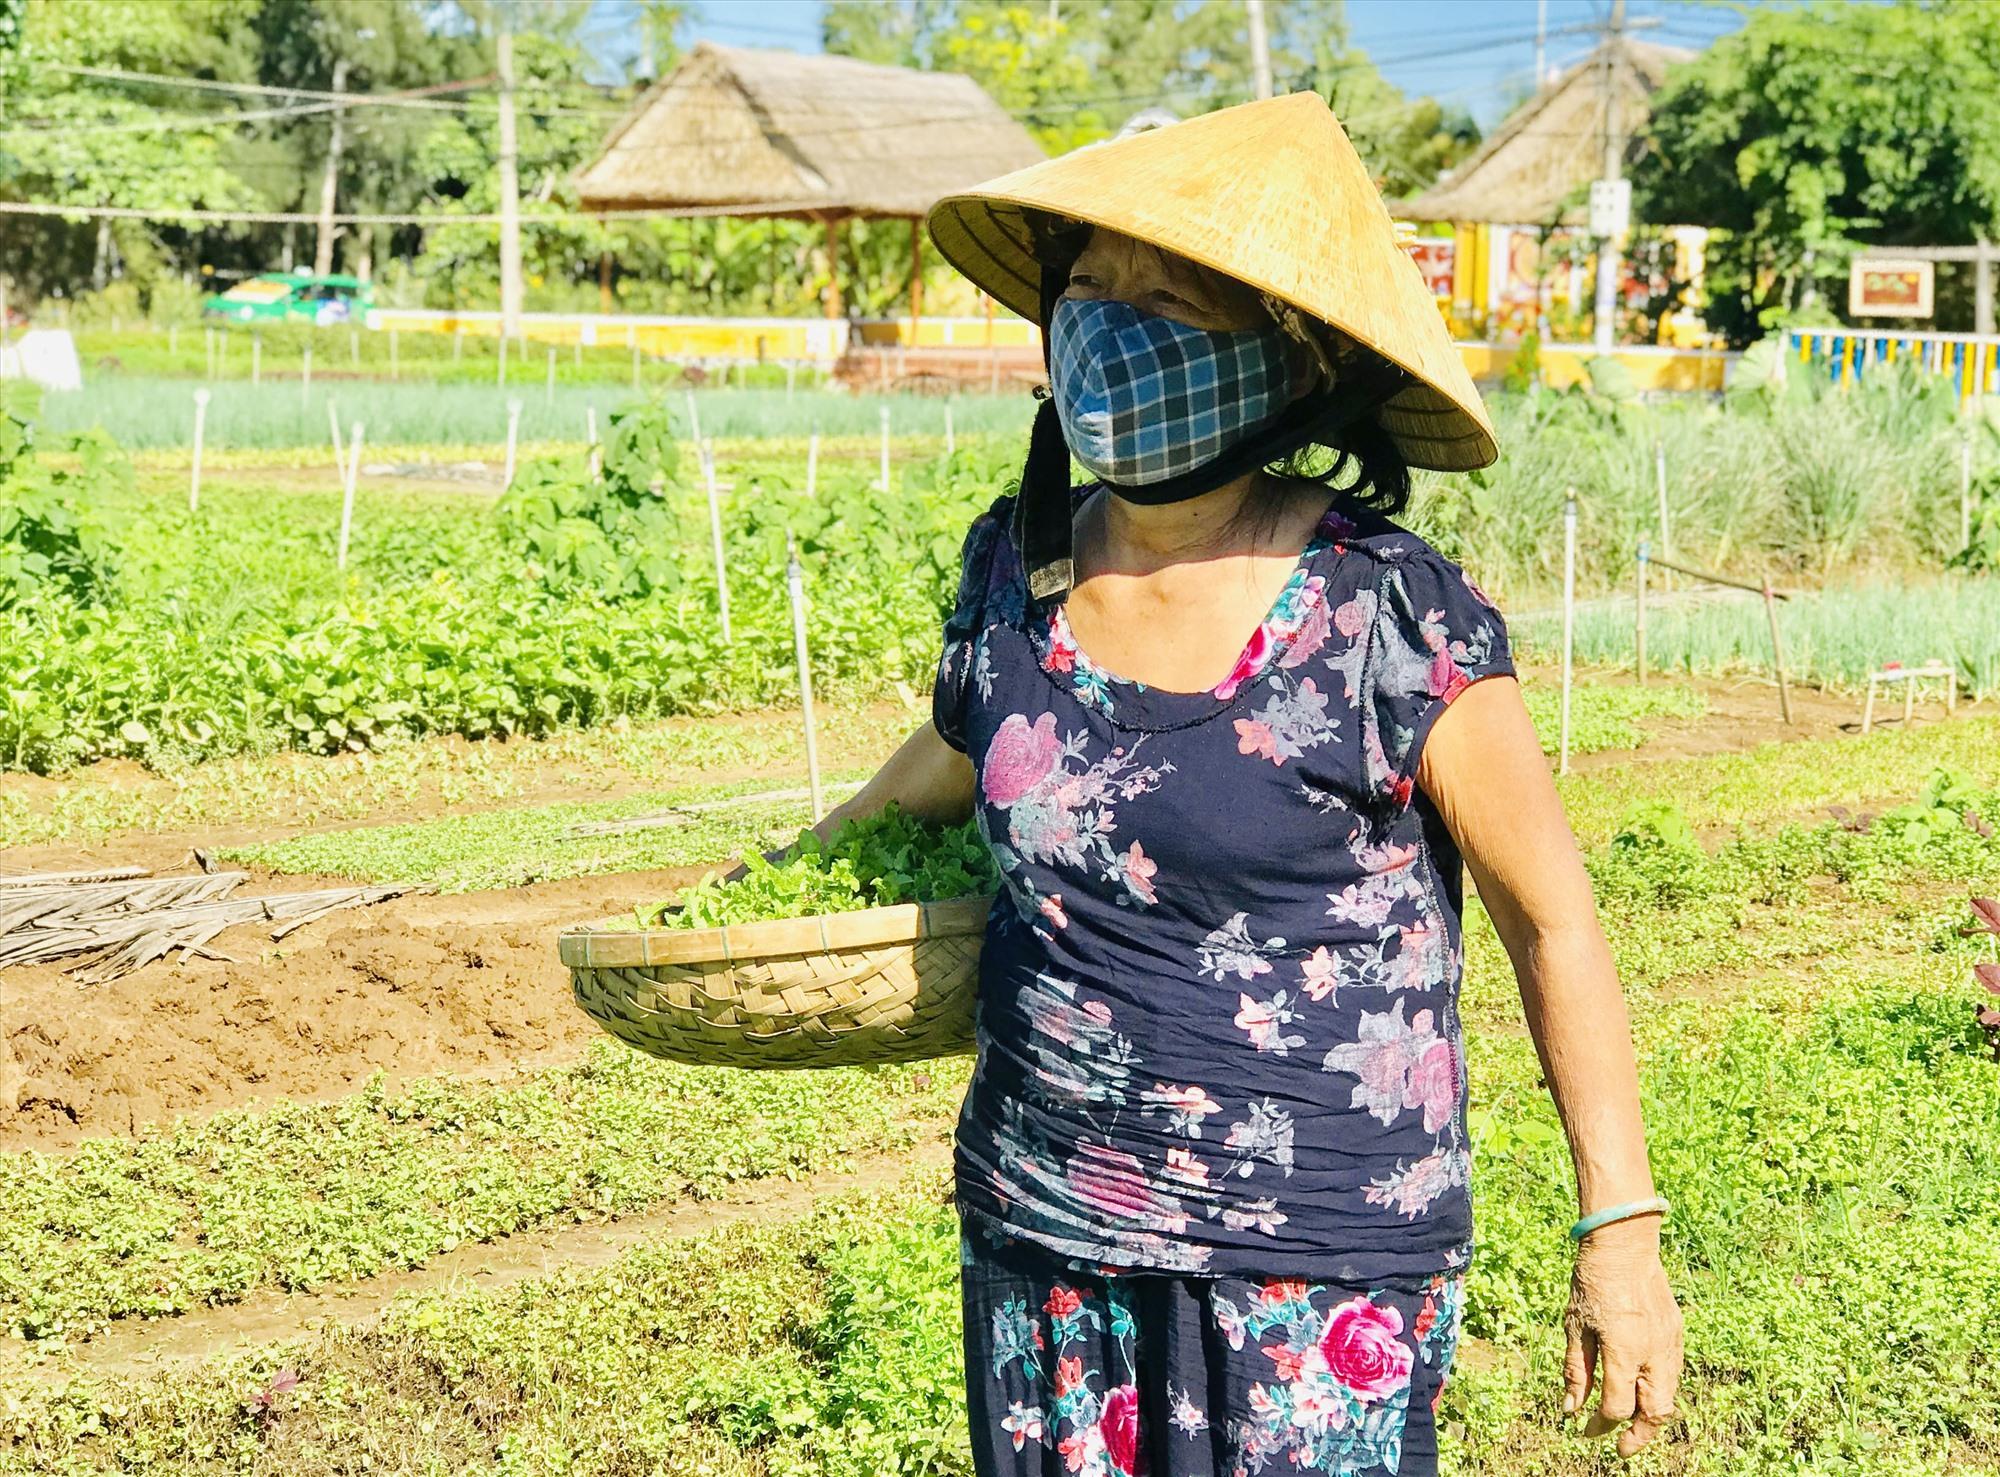 Hoạt động sản xuất ở làng rau Trà Quế (Hội An) vẫn diễn ra ổn định và cung cấp khoảng 2 tấn rau ra thị trường mỗi ngày. Ảnh: Q.T